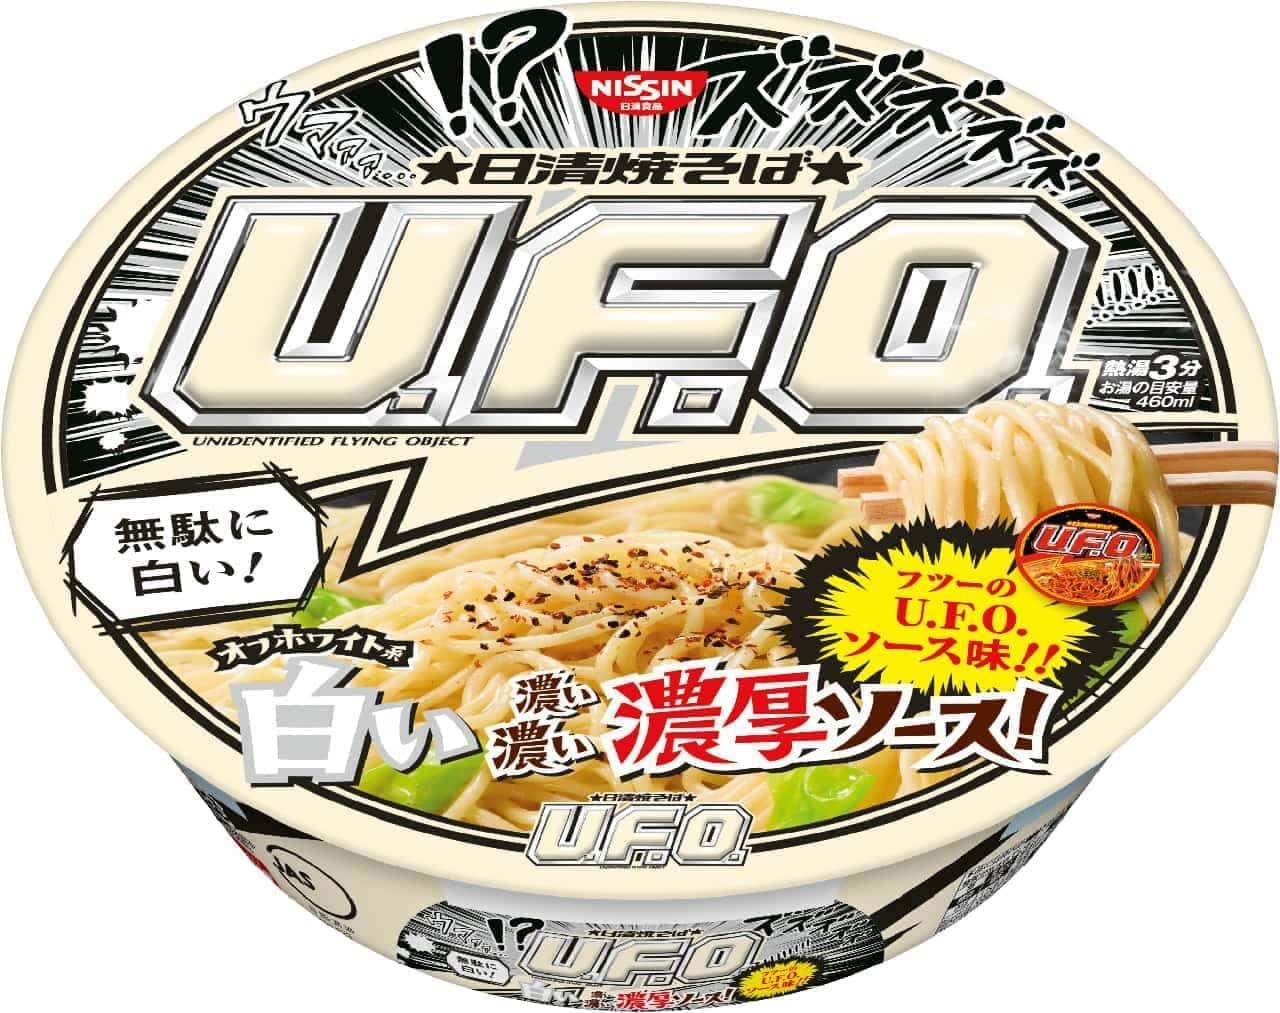 日清食品「日清焼そばU.F.O. 白い濃い濃い濃厚ソース」